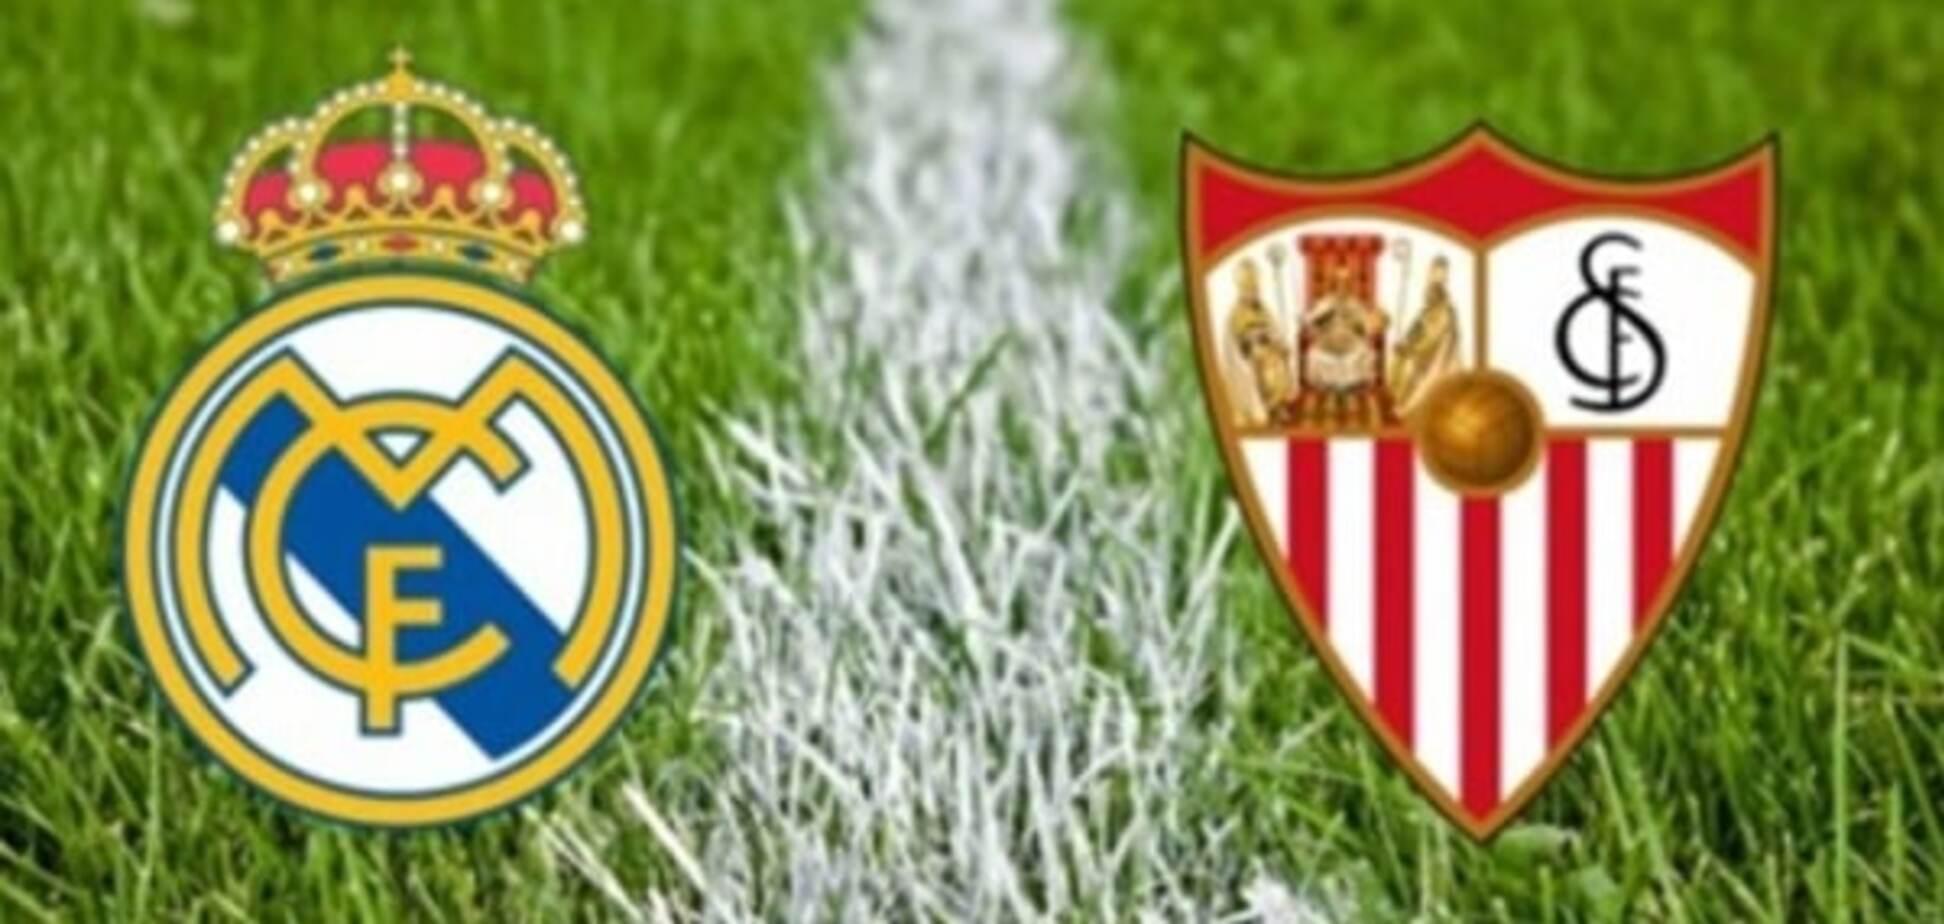 'Реал' - 'Севилья': прогноз букмекеров на Суперкубок Европы